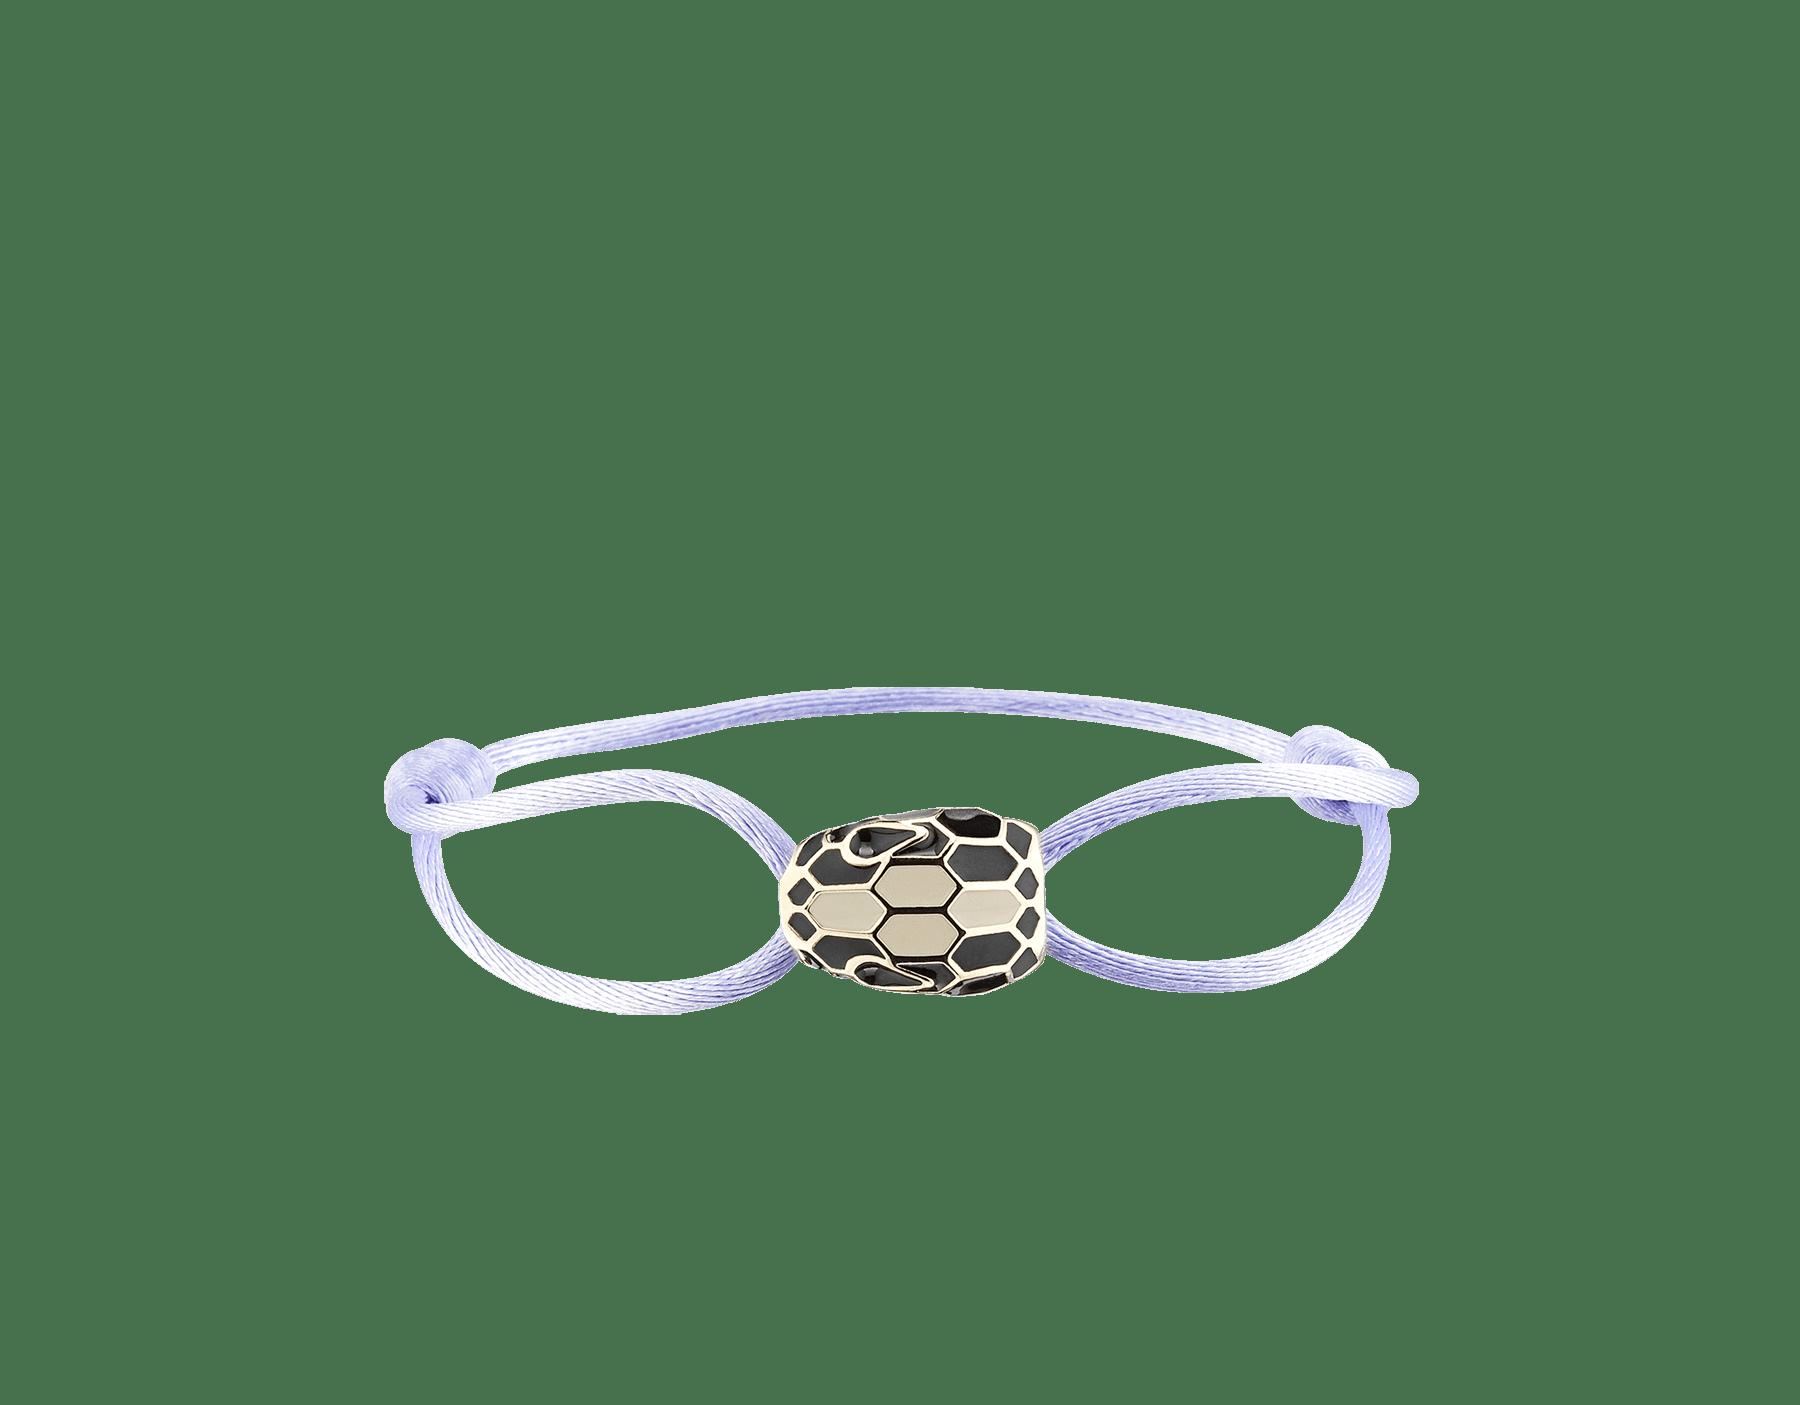 Serpenti Forever Armband aus Seide in Fire Amber mit ikonischem Schlangenkopf aus Emaille in Fire Amber und Schwarz sowie mit verführerischen Augen aus schwarzer Emaille. SERP-STRINGa image 1